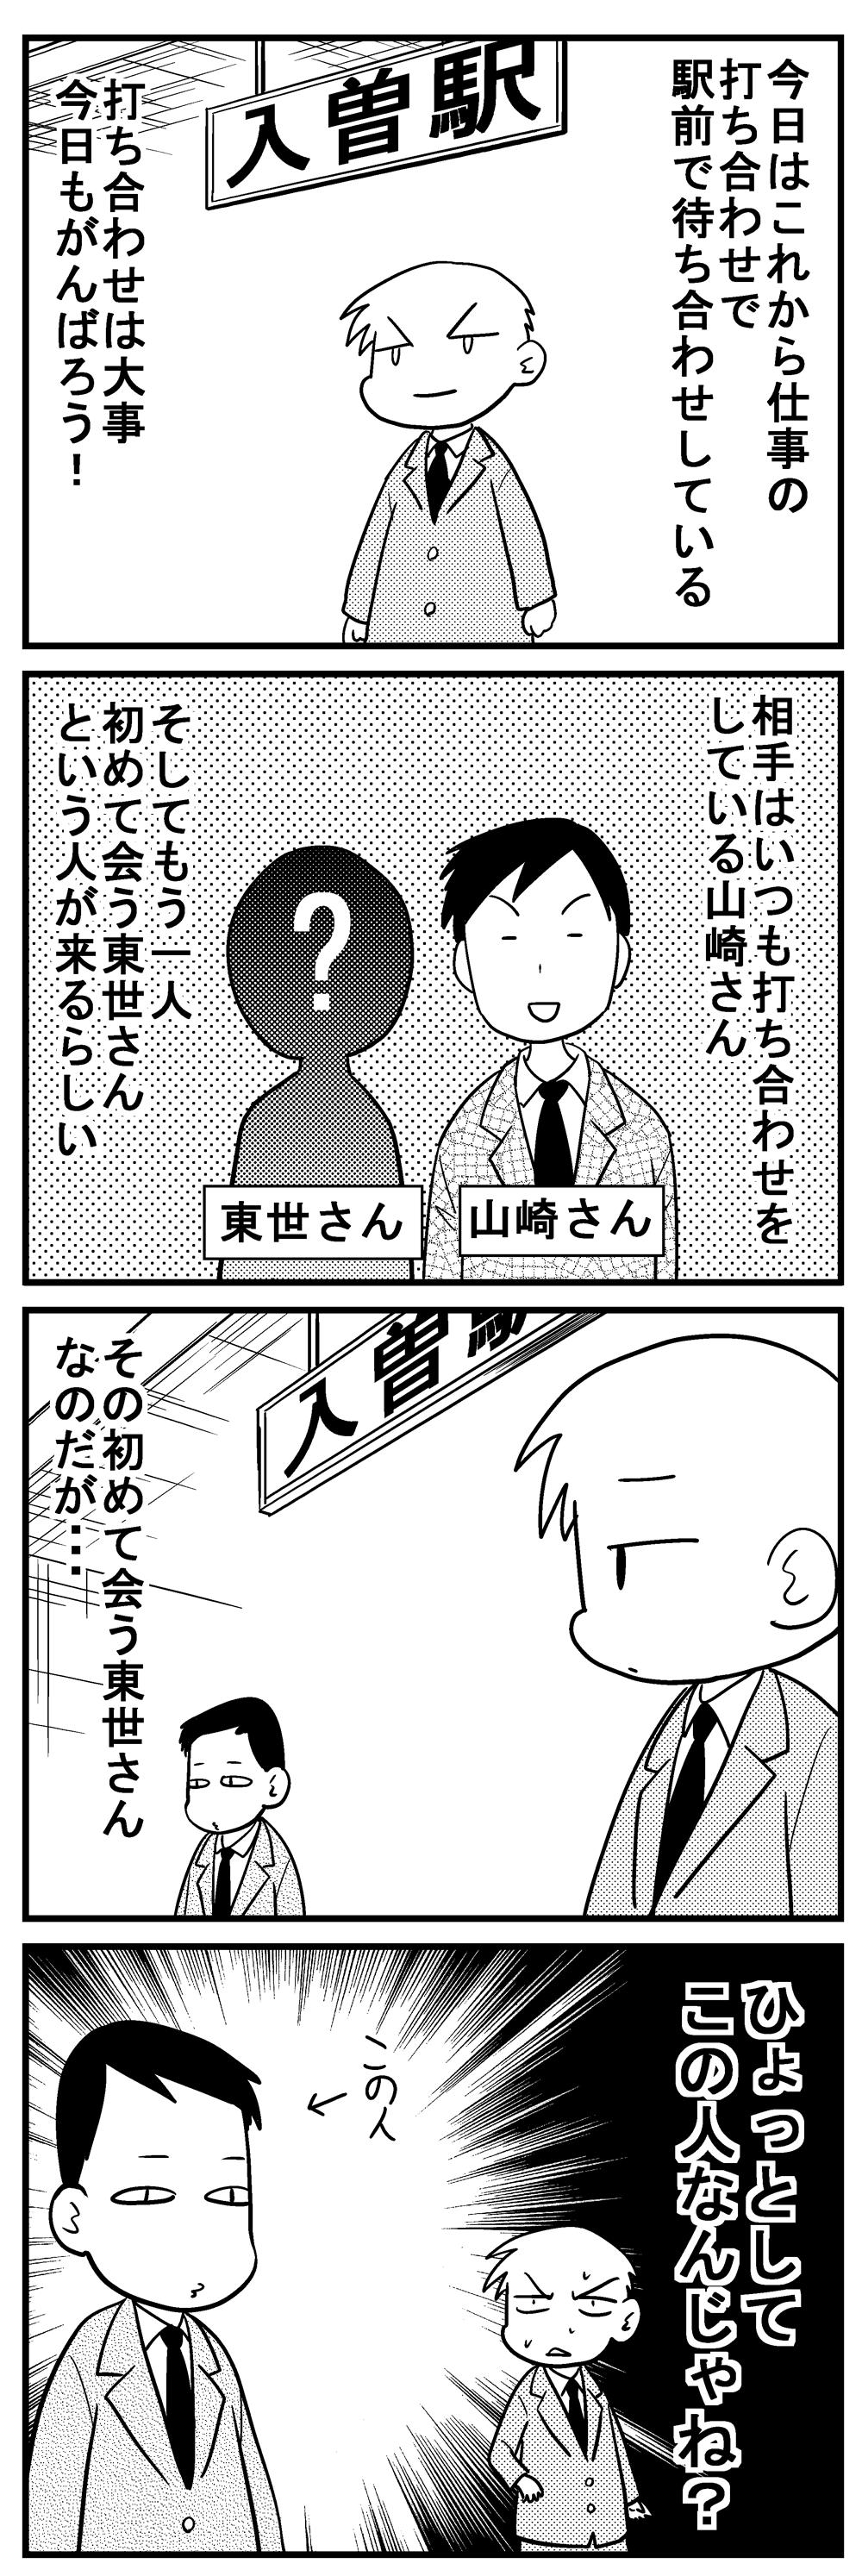 深読みくん55-1